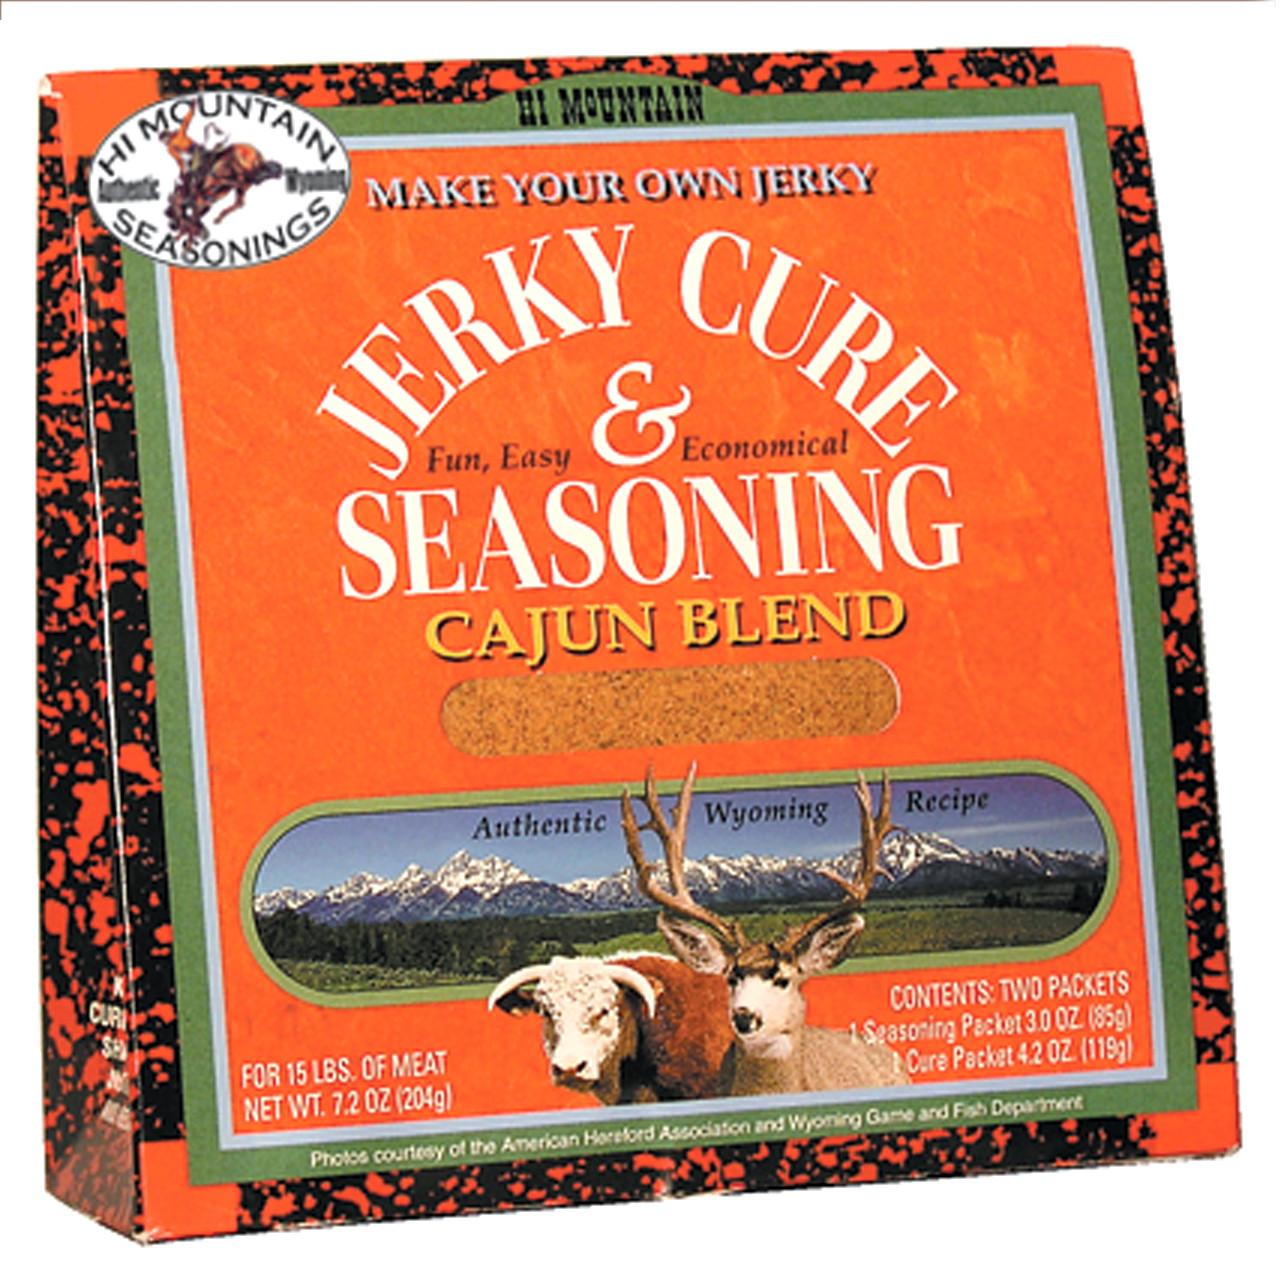 Cajun Blend Jerky Kit